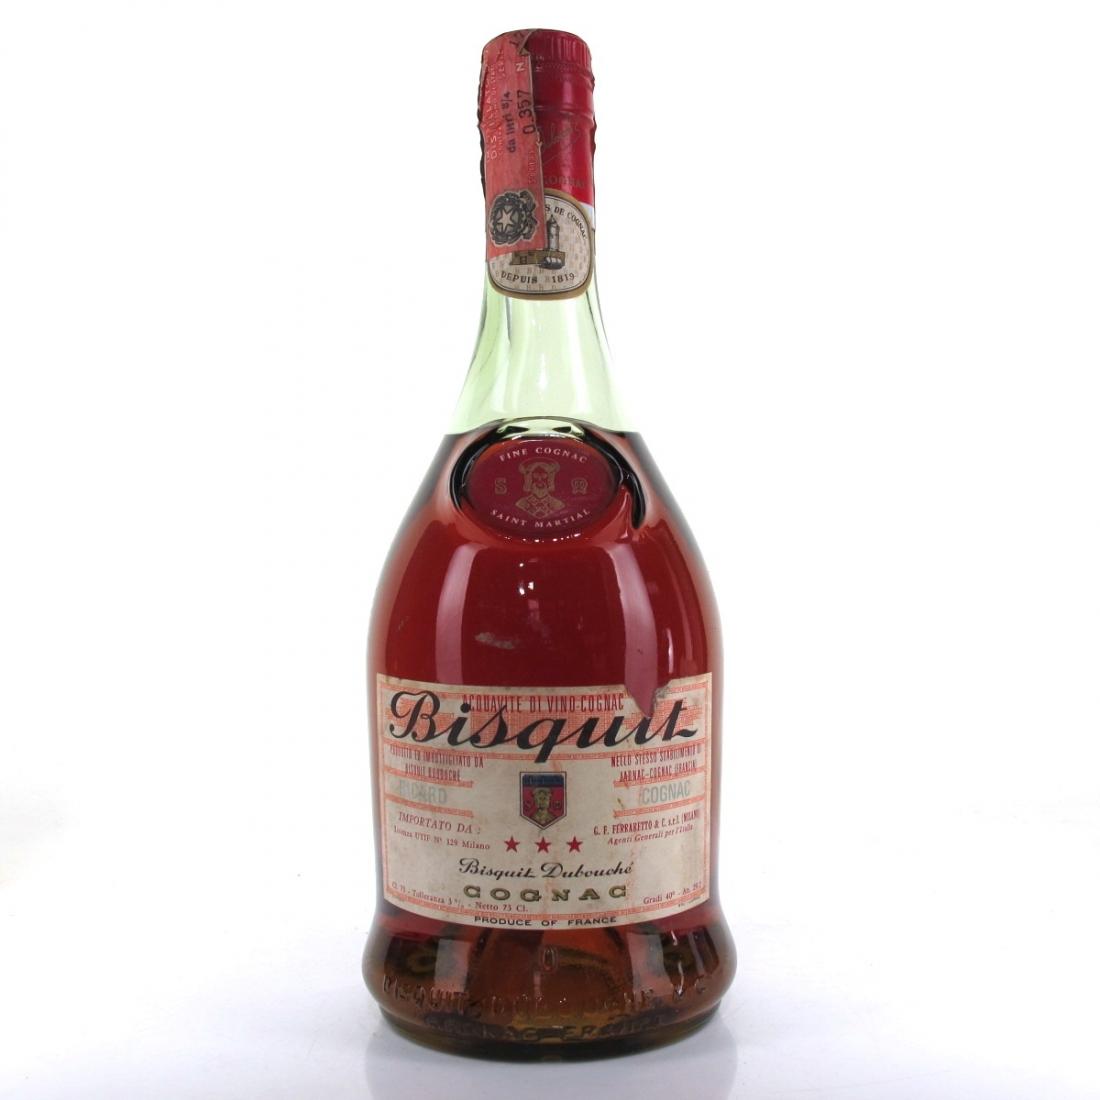 Bisquit 3-Star Cognac 1970s